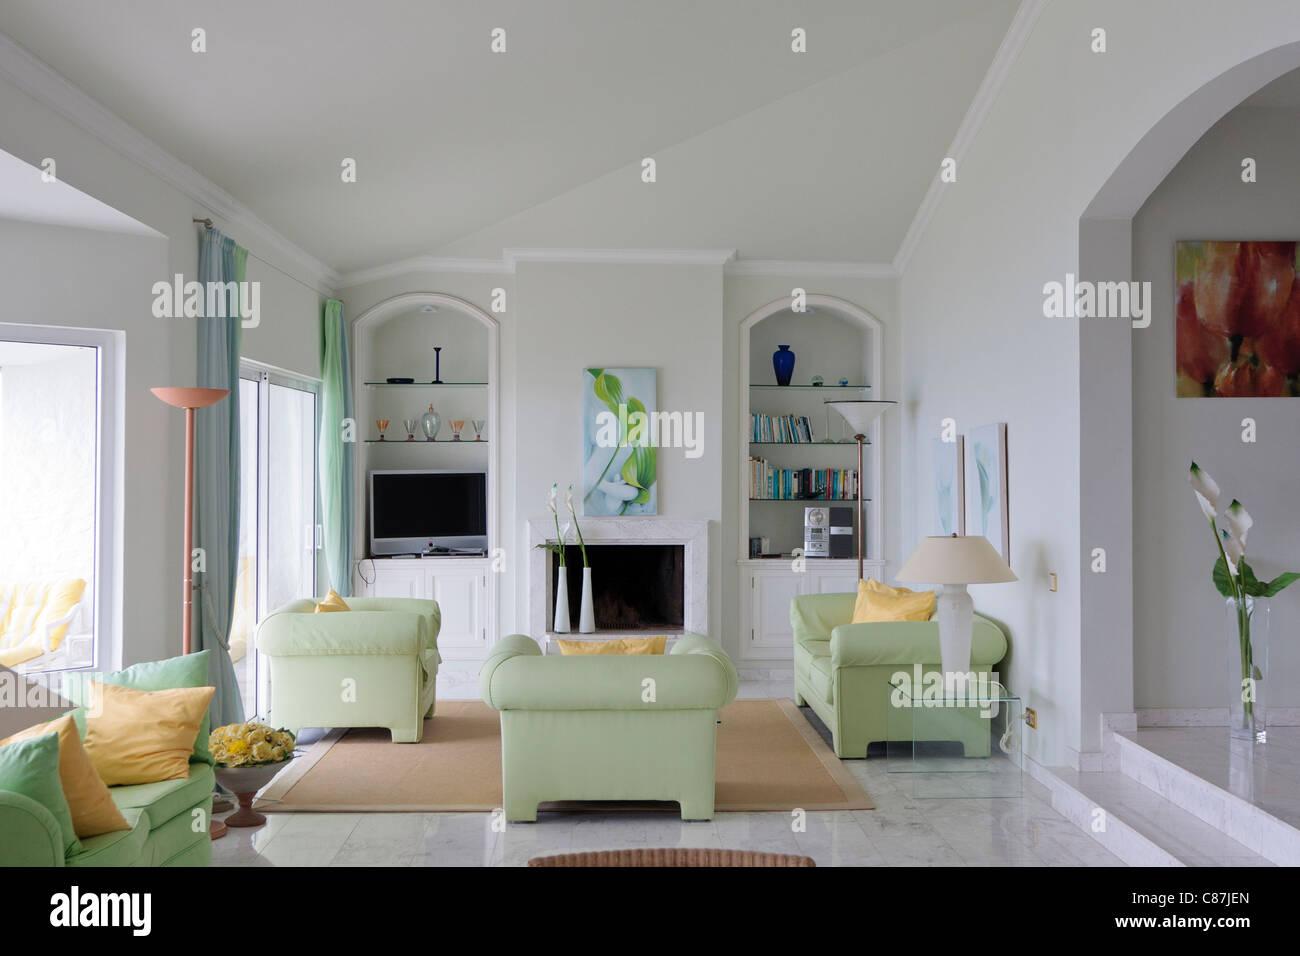 Modernes Wohnzimmer mit leichten grünen Sofas, Stühle, tv ...